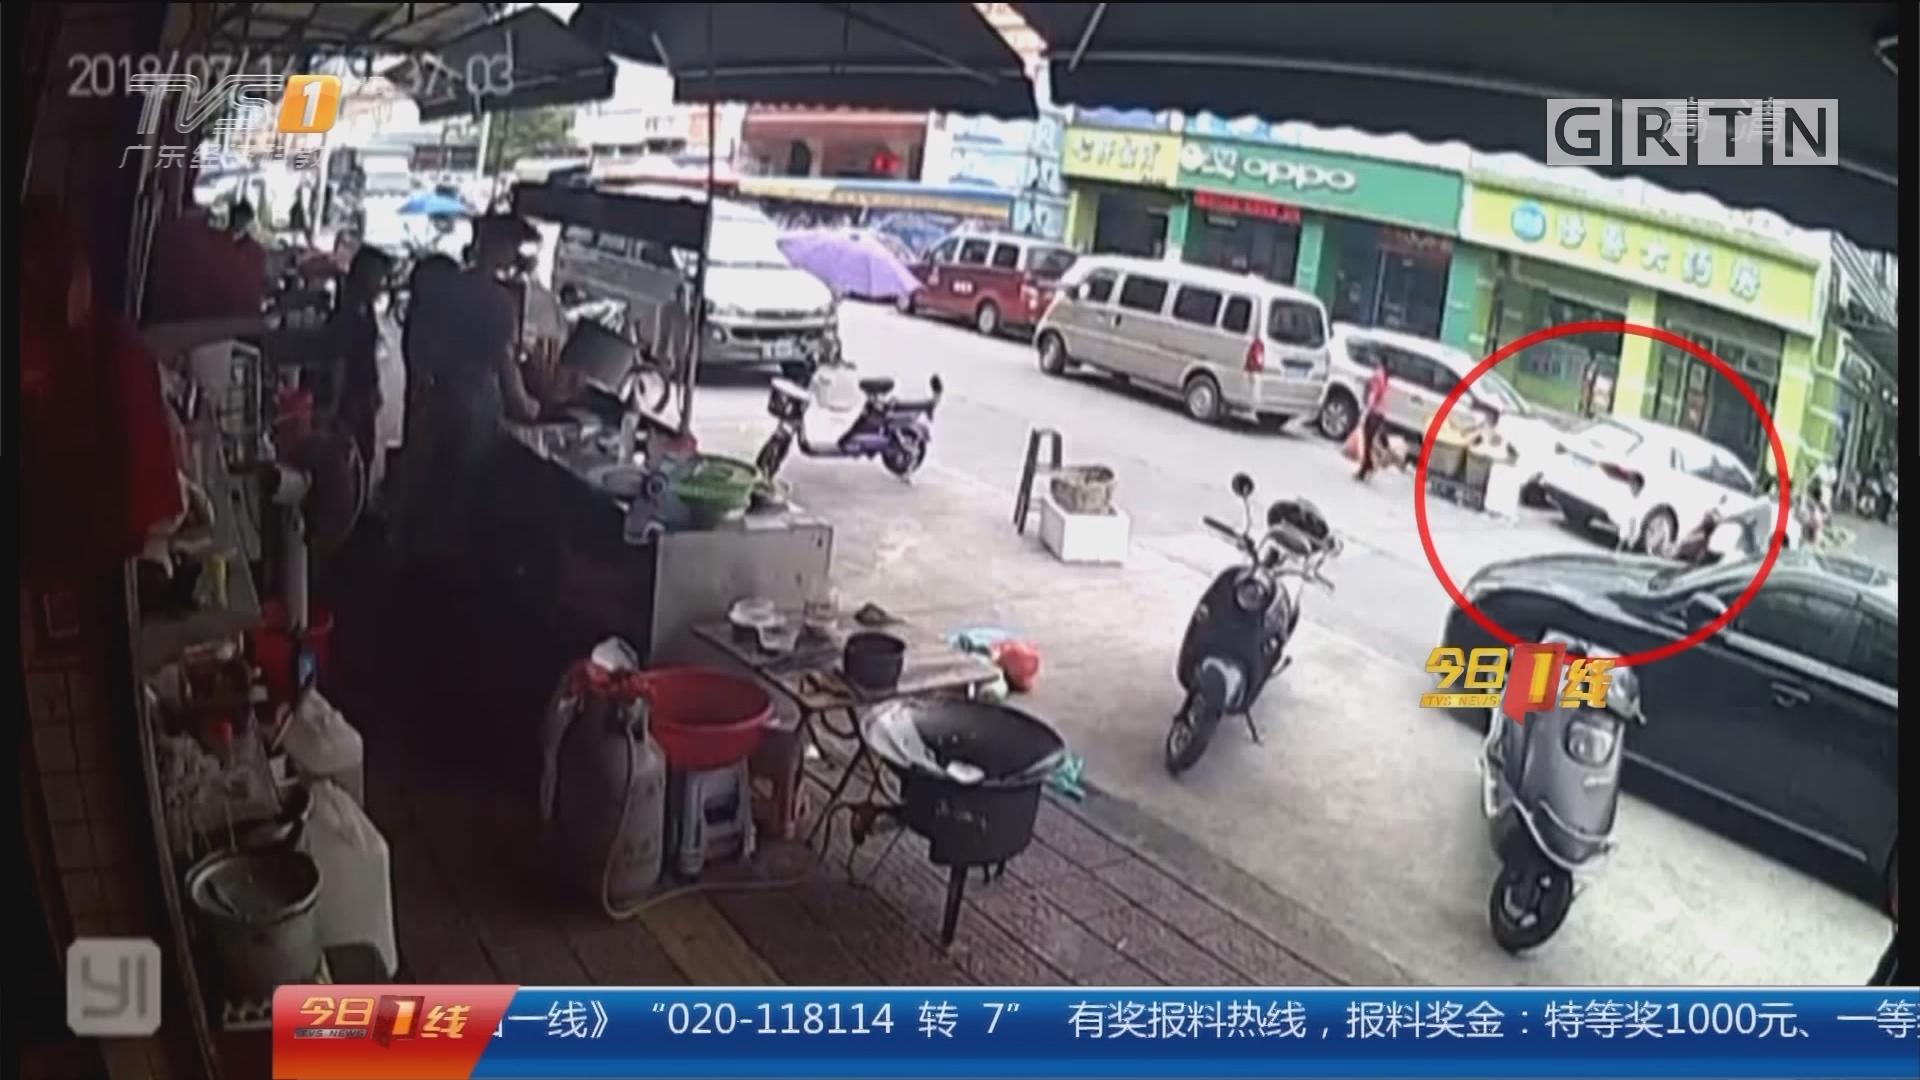 佛山:男子骑摩托撞倒男童 协商未果离开